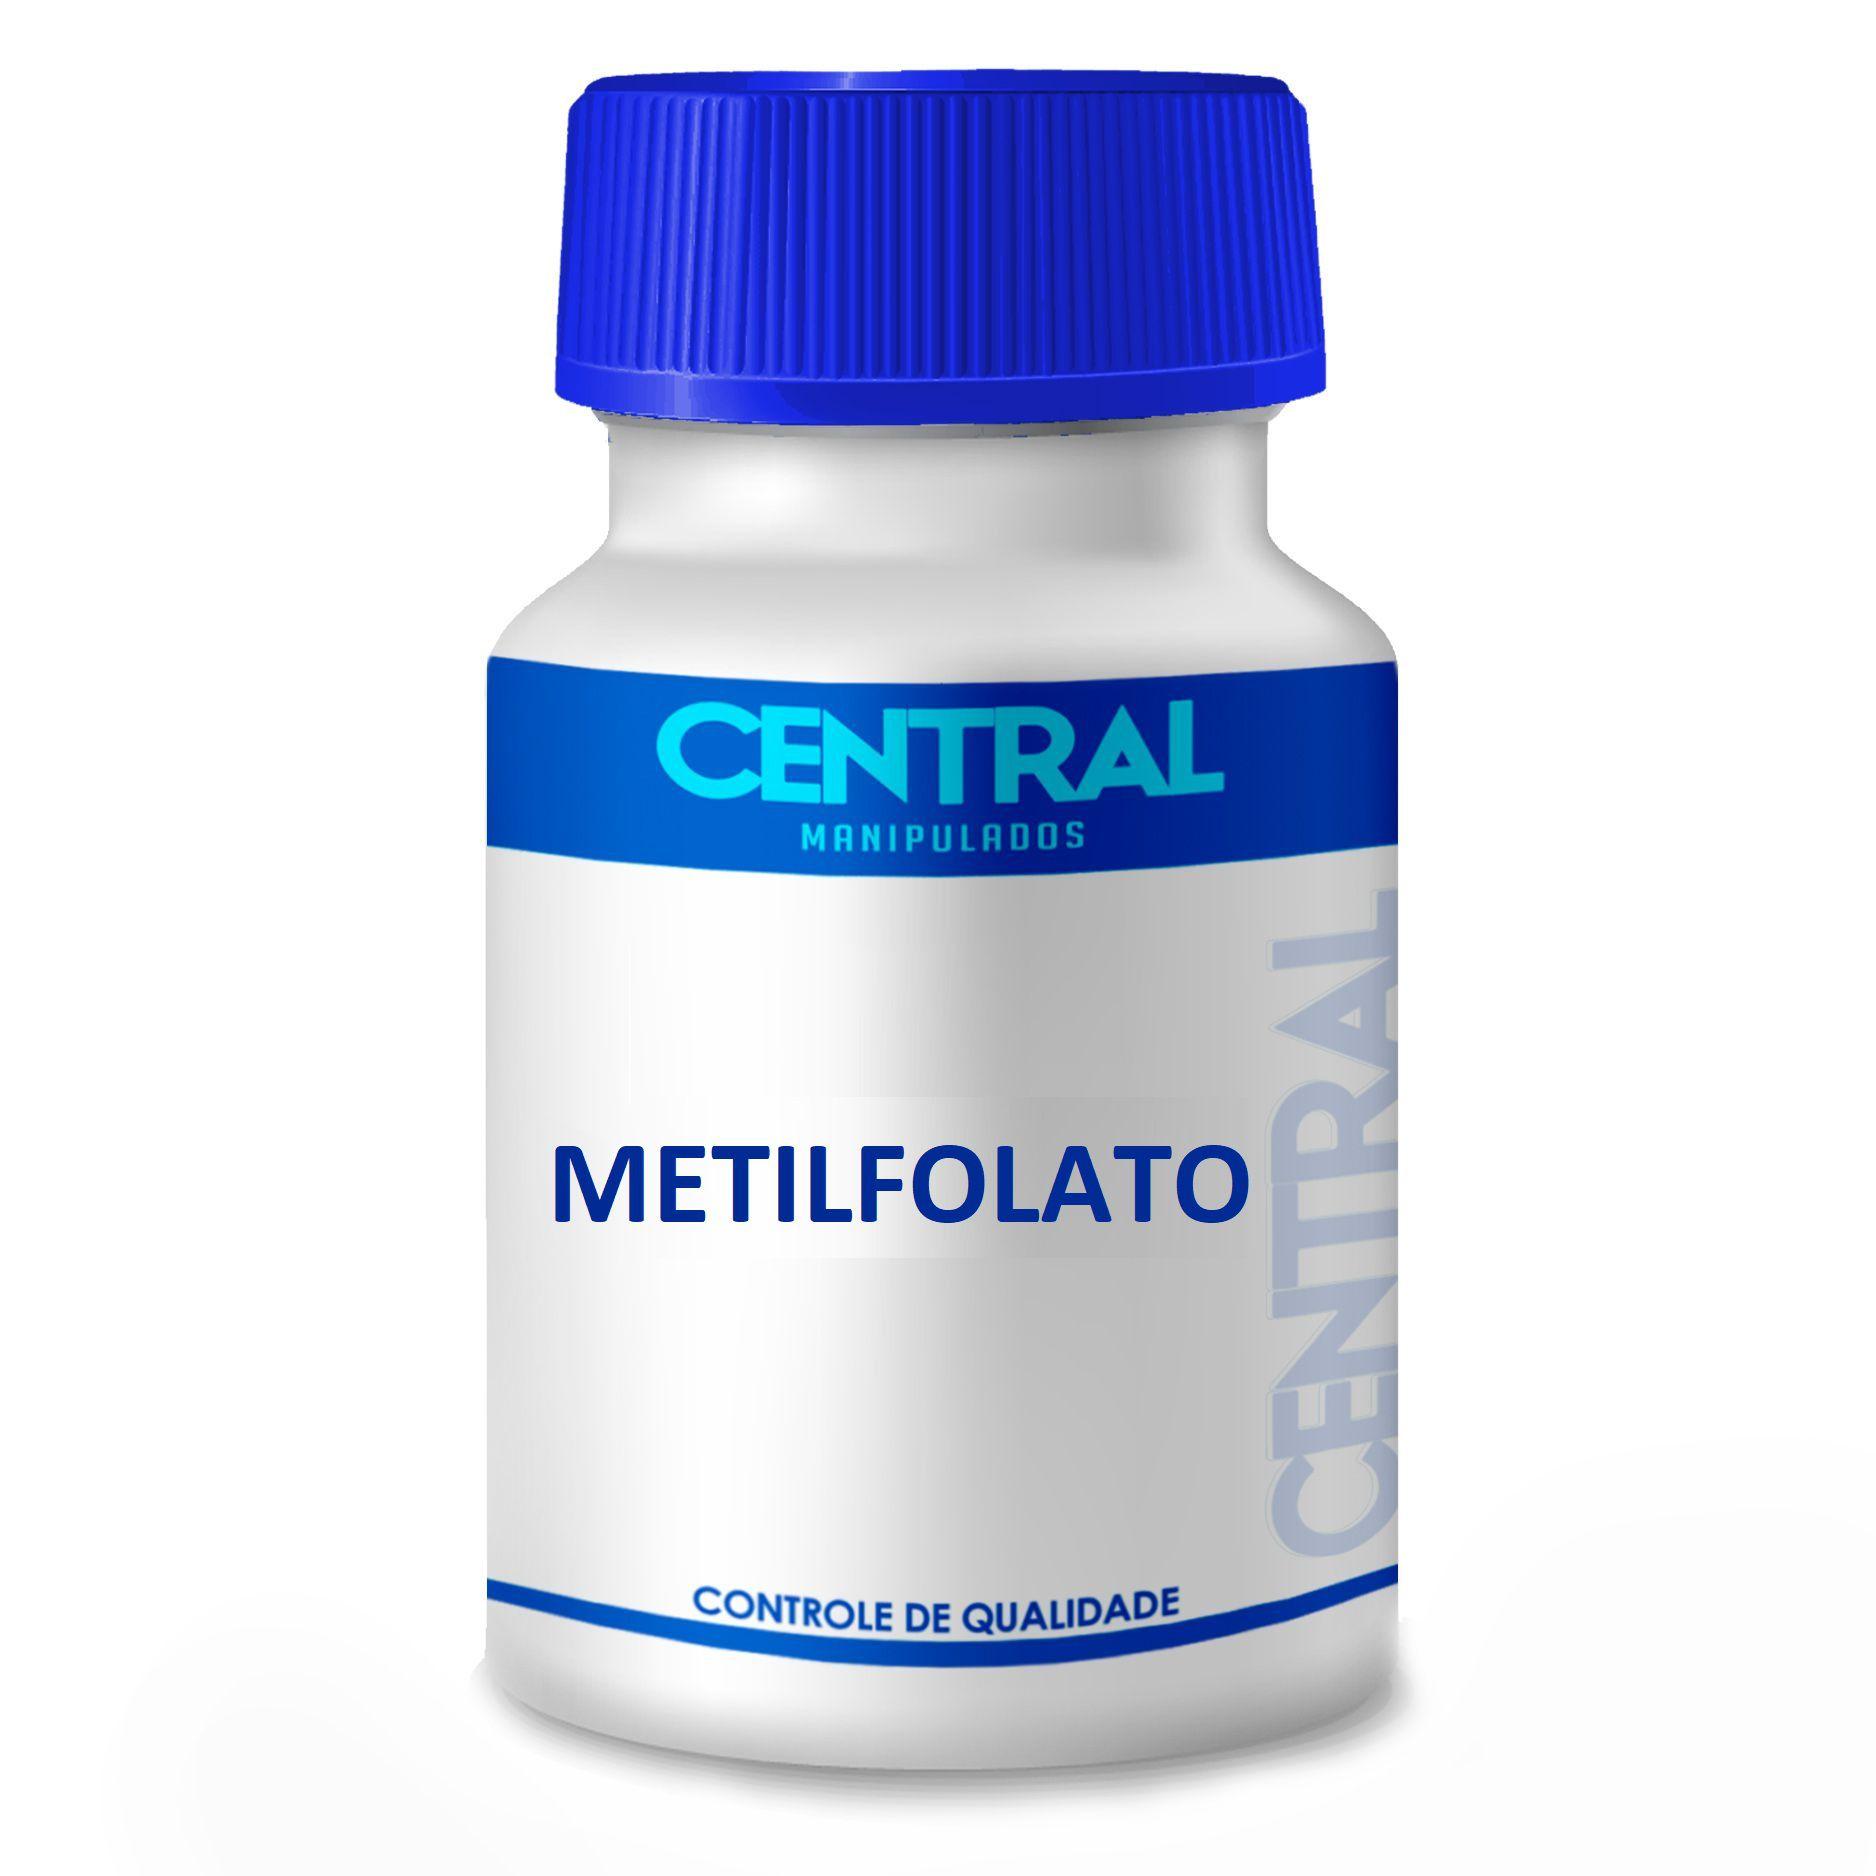 Metilfolato - Forma Ativa do Ácido Fólico - 1.000 mcg 120 cápsulas